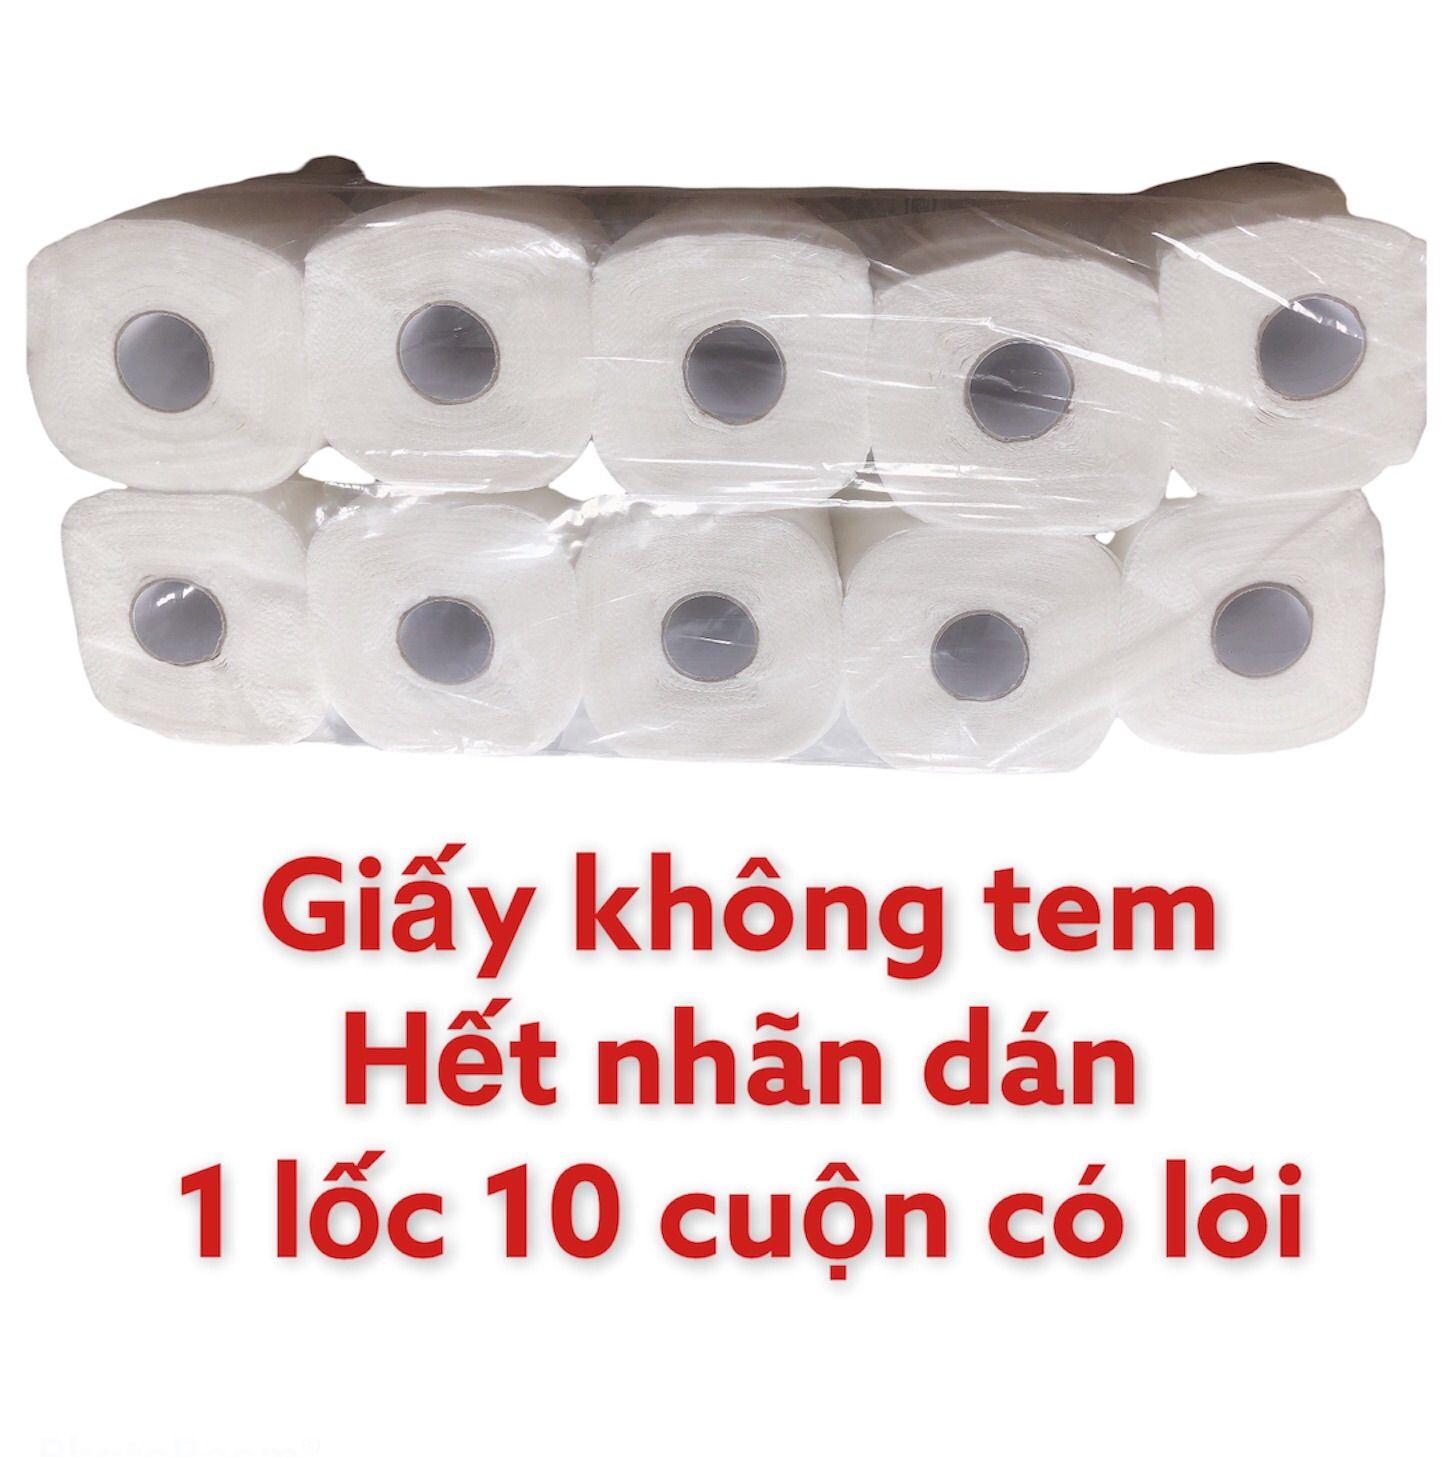 [HCM]giấy vệ sinh thái lan gia nguyen 1 lốc 10 cuộn có lõi